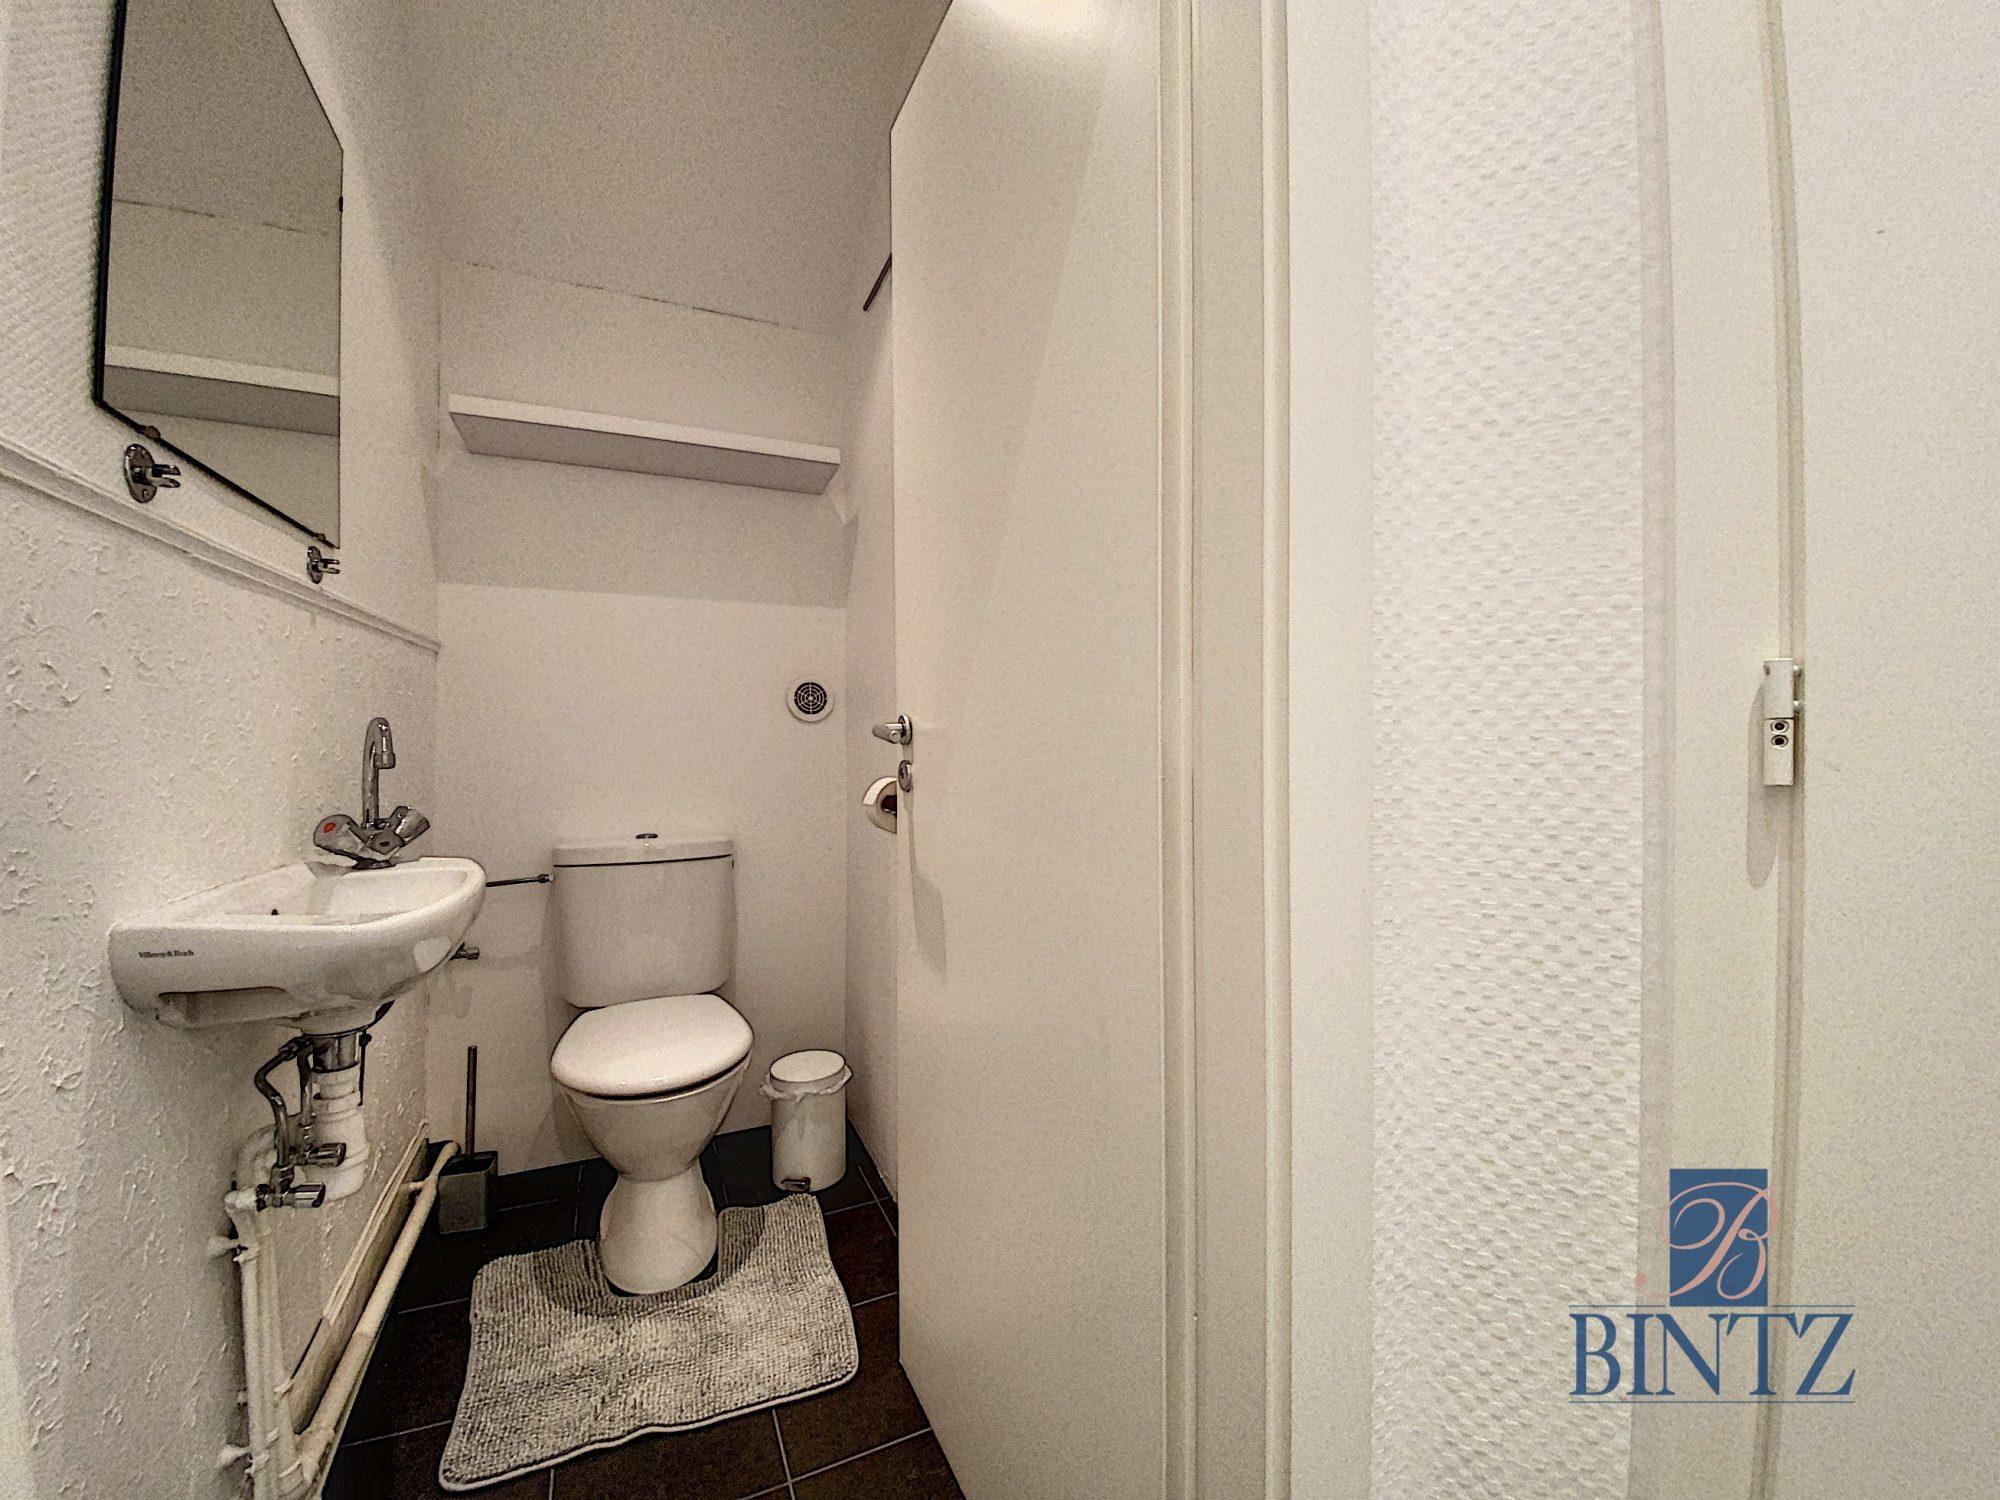 GRAND 1PIÈCE MEUBLÉ NEUSTADT - Devenez locataire en toute sérénité - Bintz Immobilier - 10